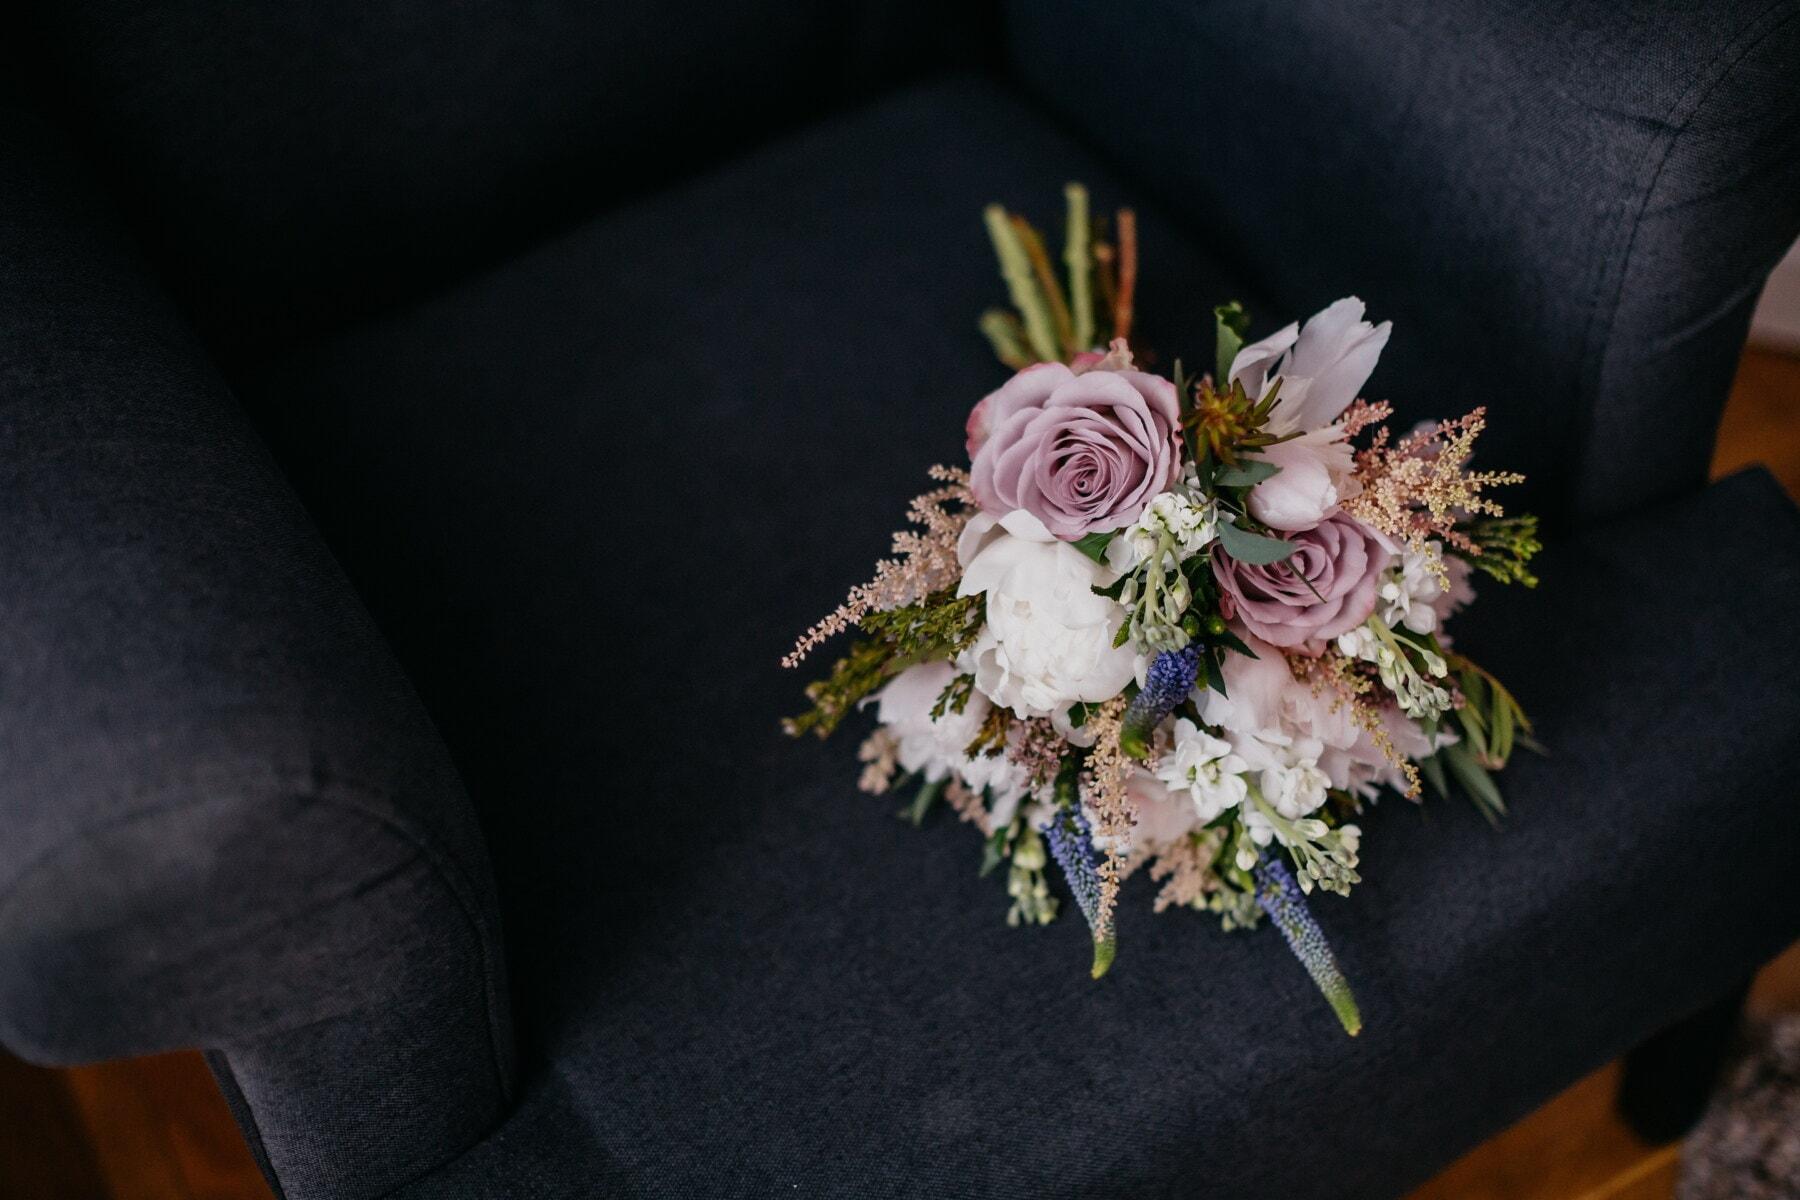 Lust auf, Sessel, Blumen, Blumenstrauß, Anordnung, Liebe, Blume, Dekoration, stieg, Still-Leben